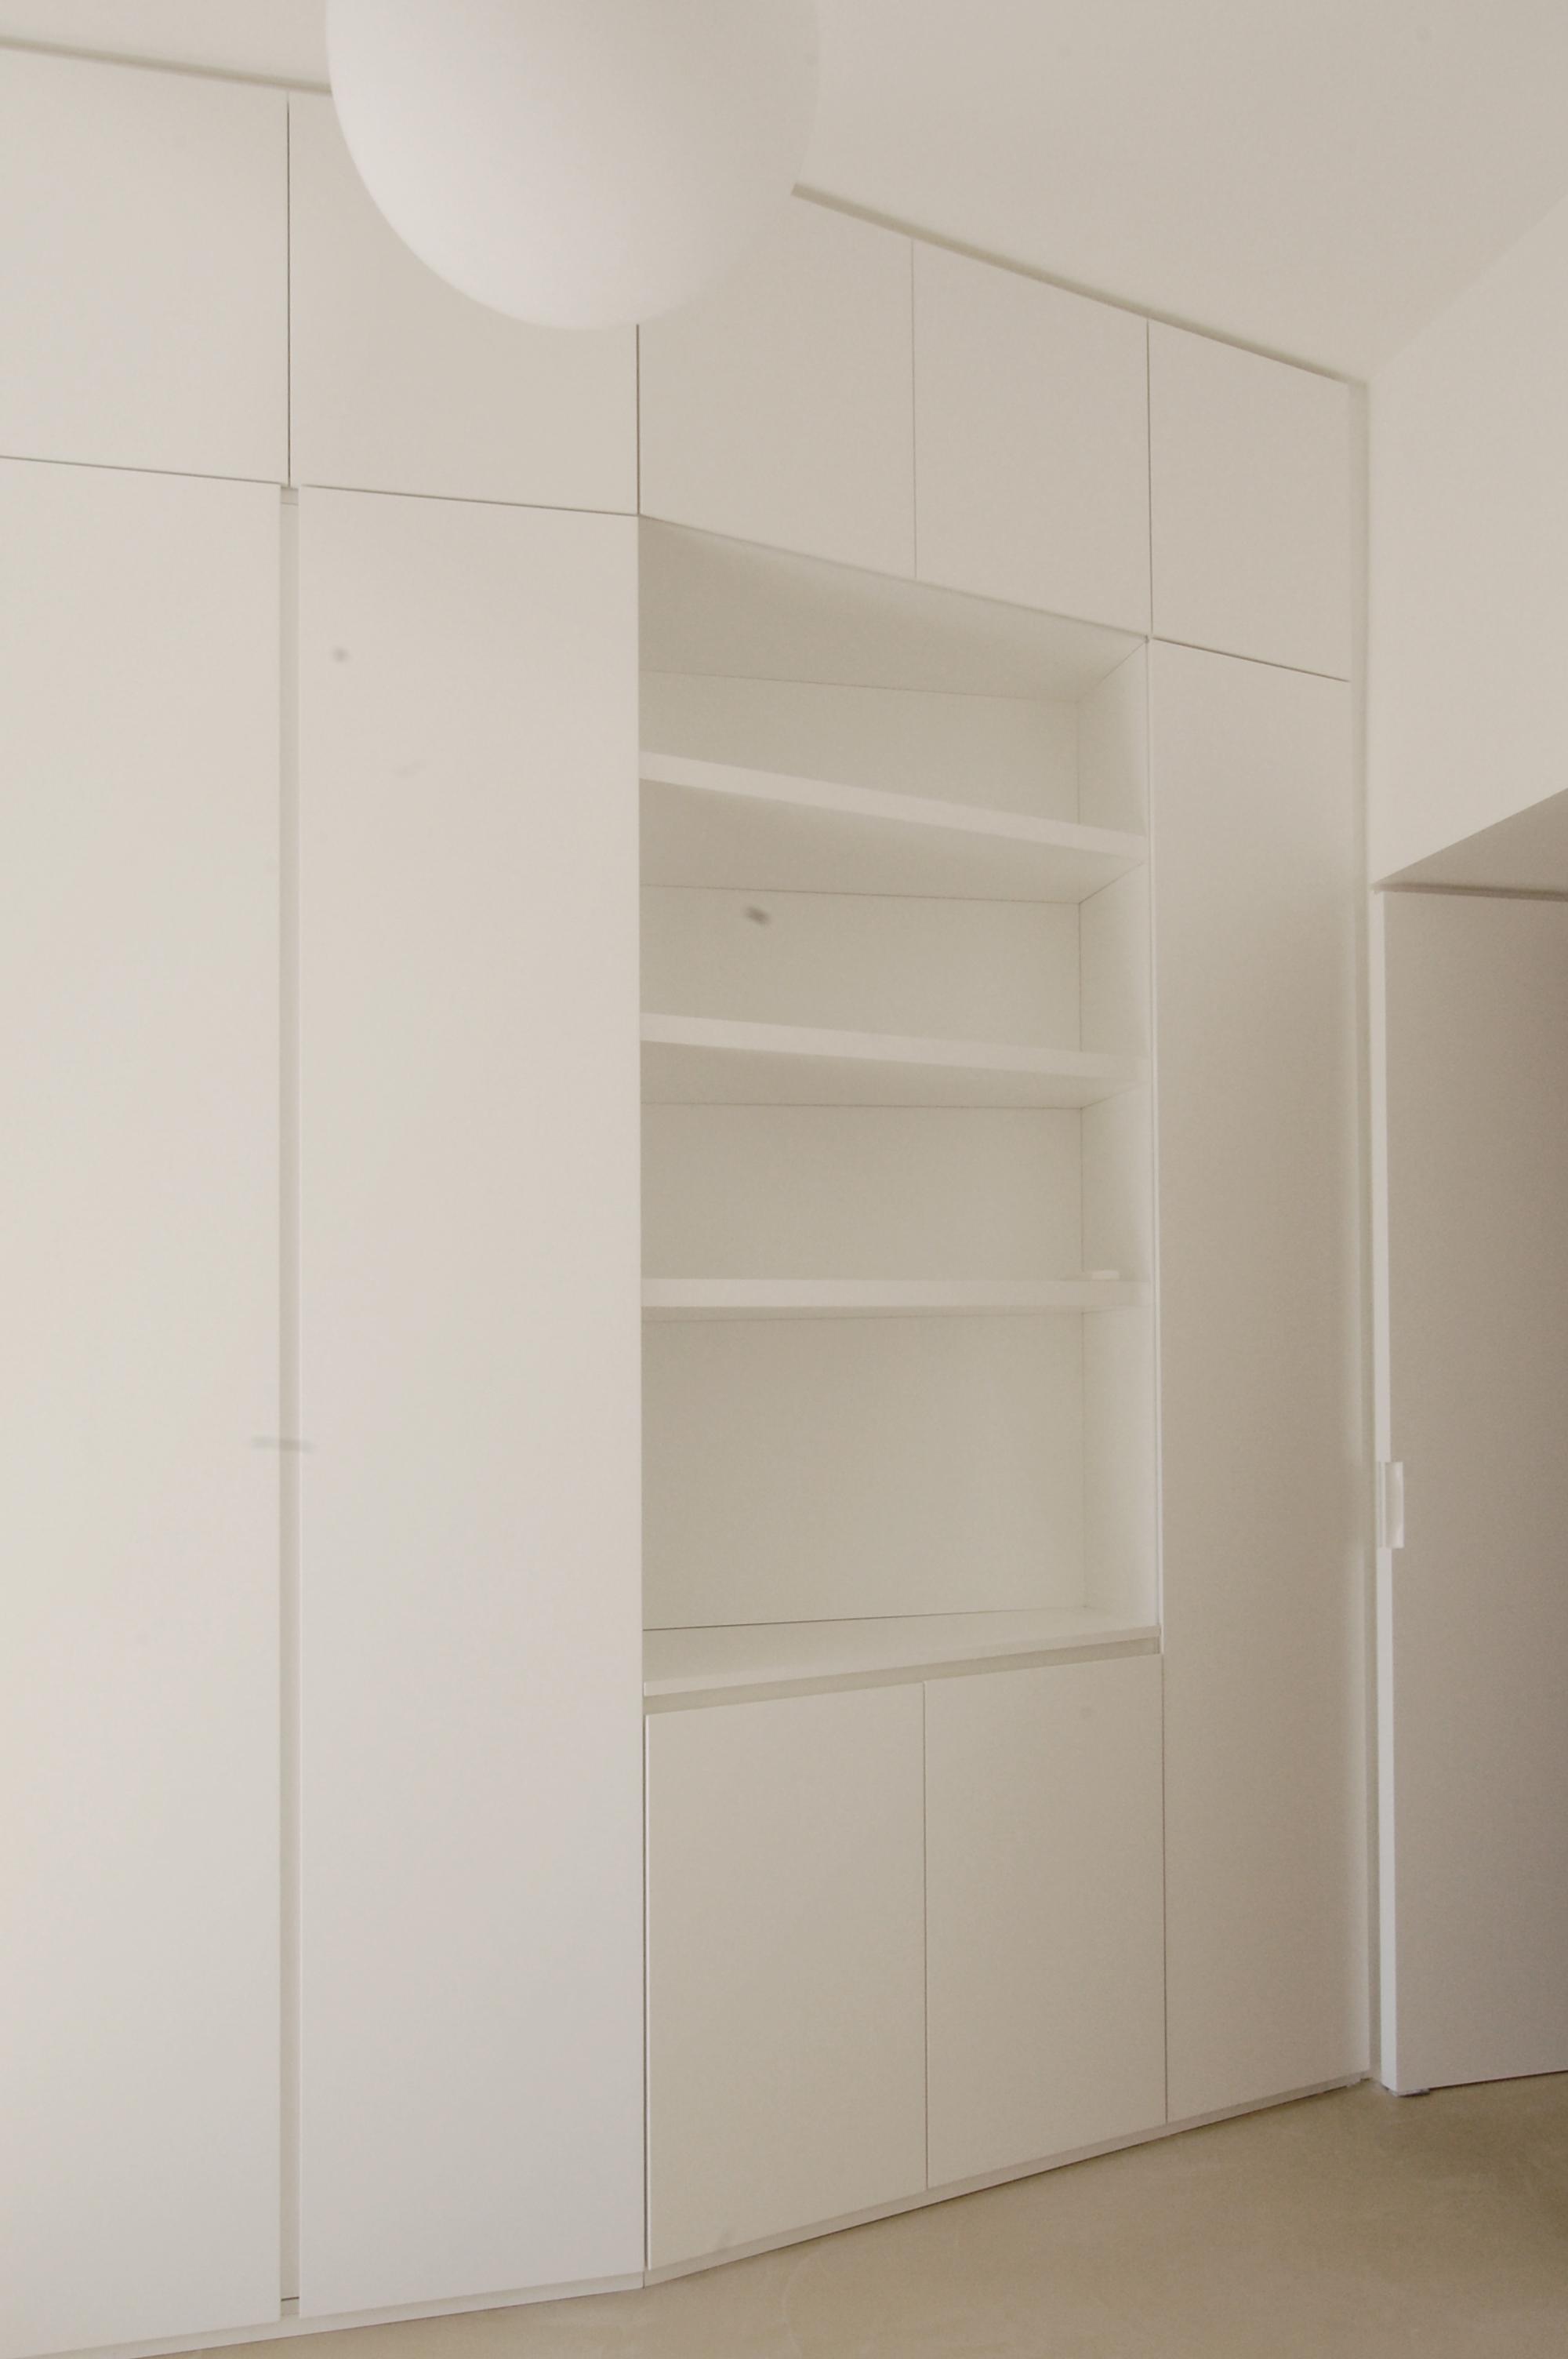 Nella zona notte, una ampia parete attrezzata con armadiatura e libreria risolve le esigenze pratiche e asseconda con il disegno l'accesso alla stanza.